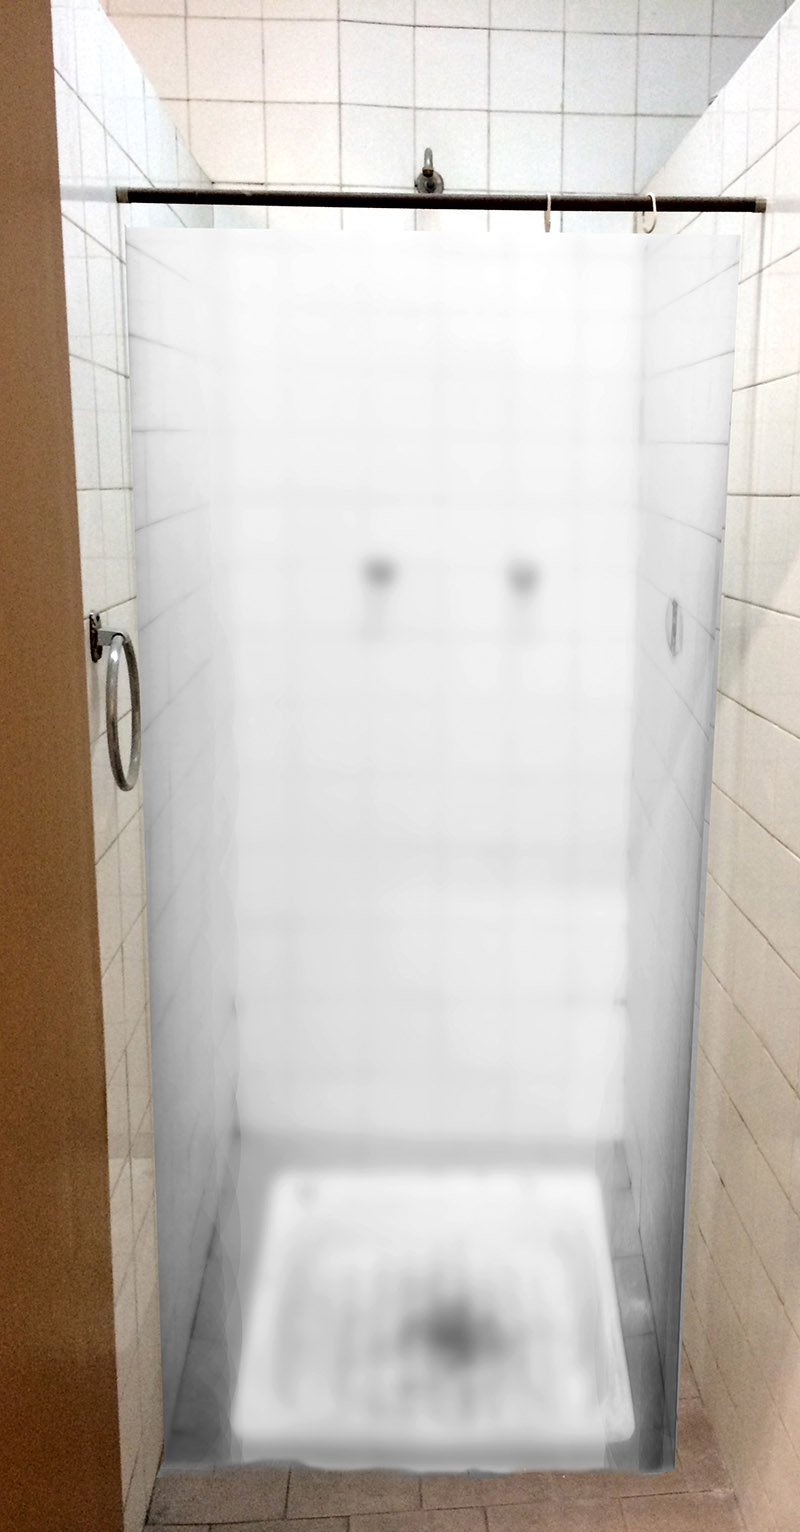 oscar munoz - cortina baño blanco y negro